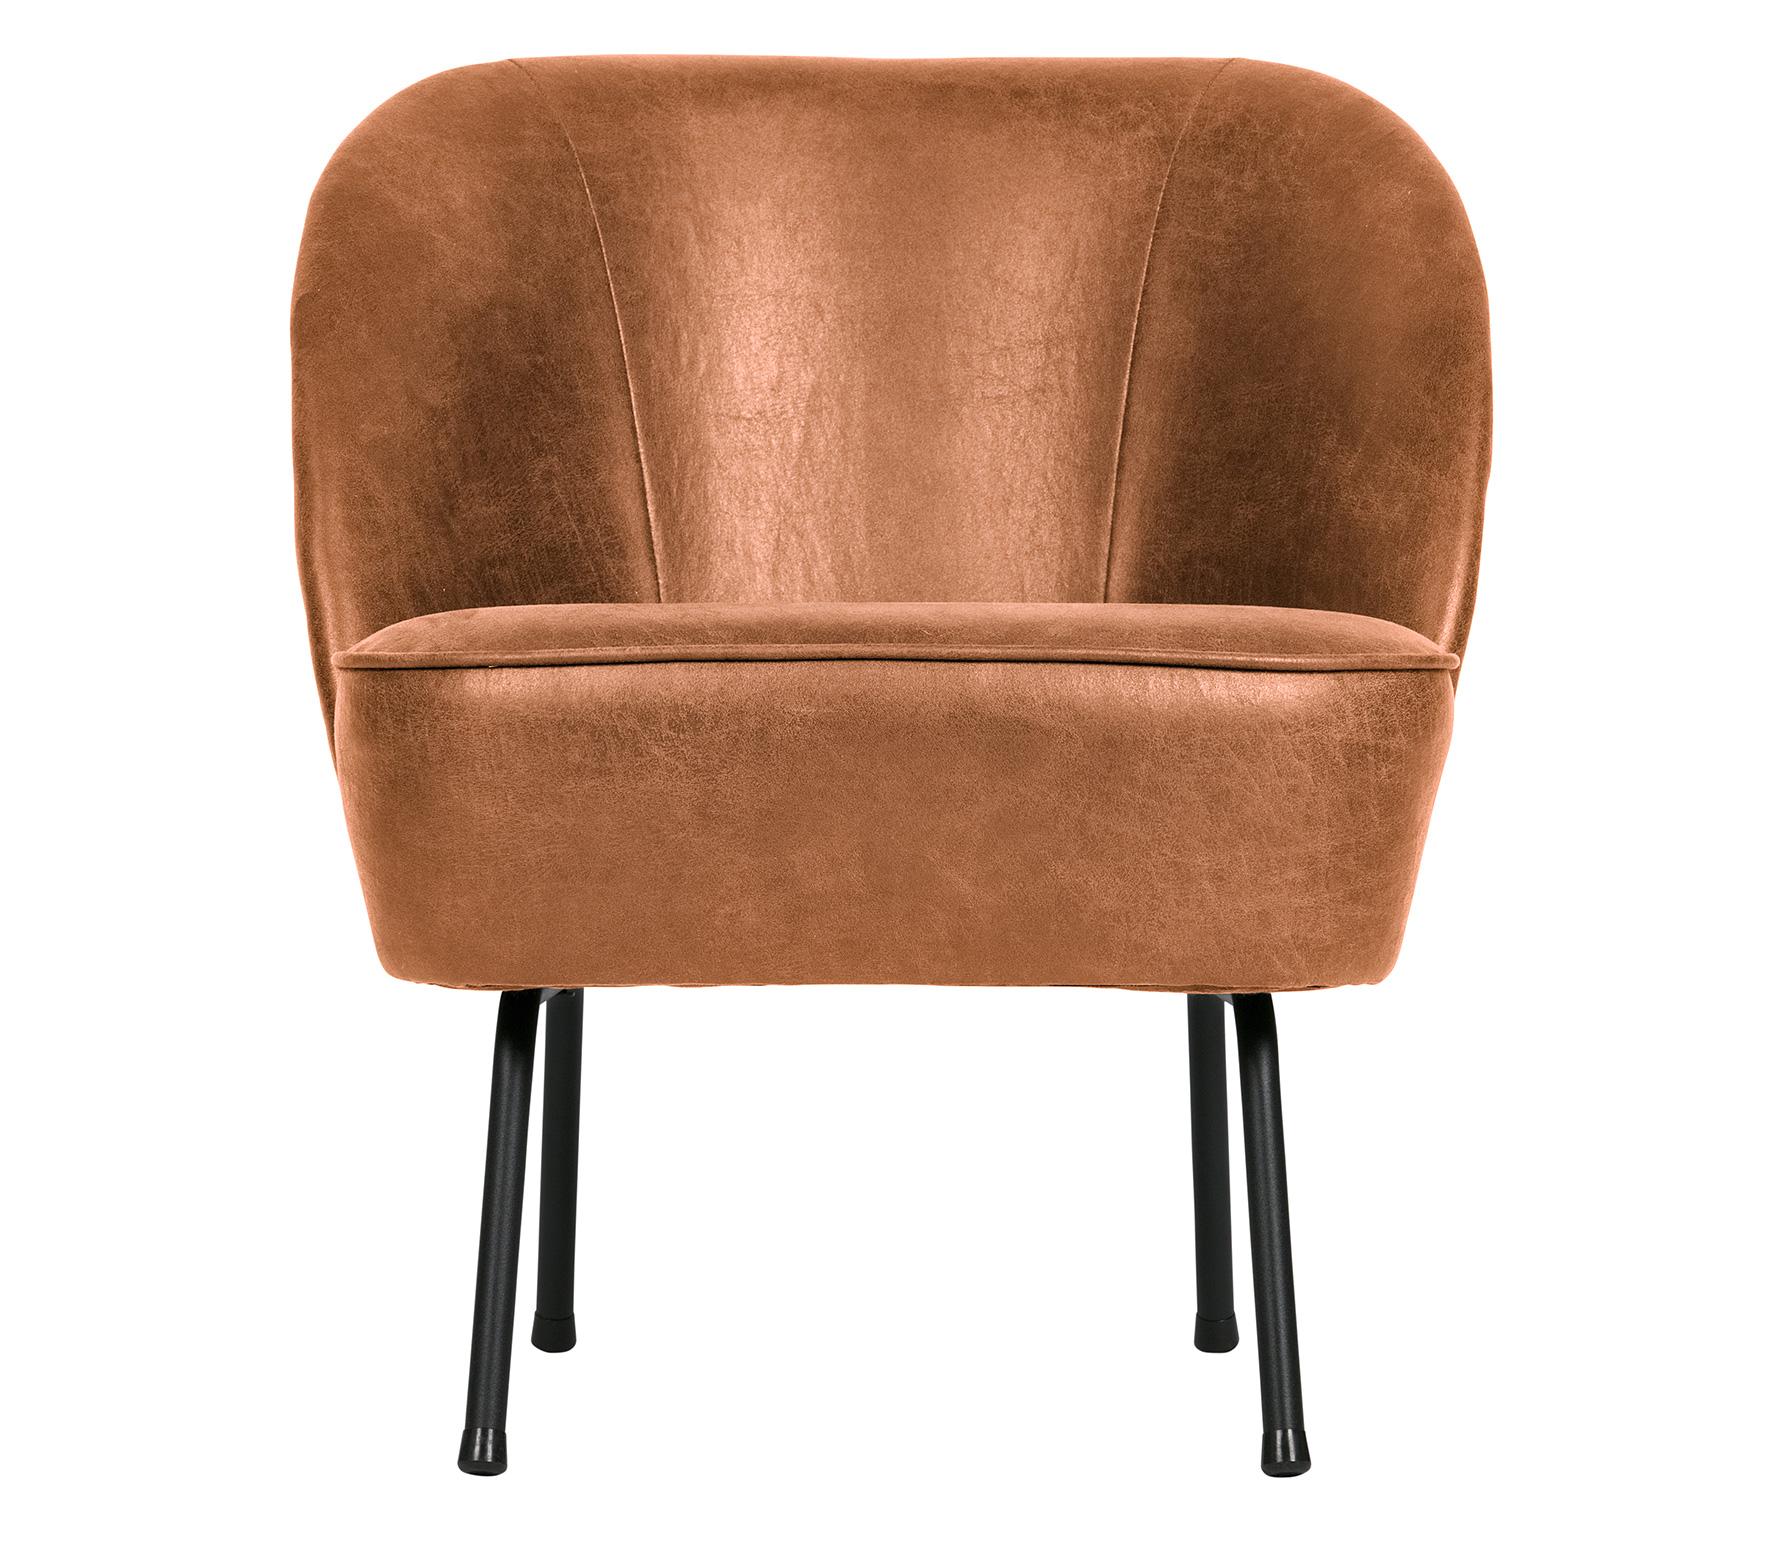 BePureHome Vogue fauteuil recycle leer cognac